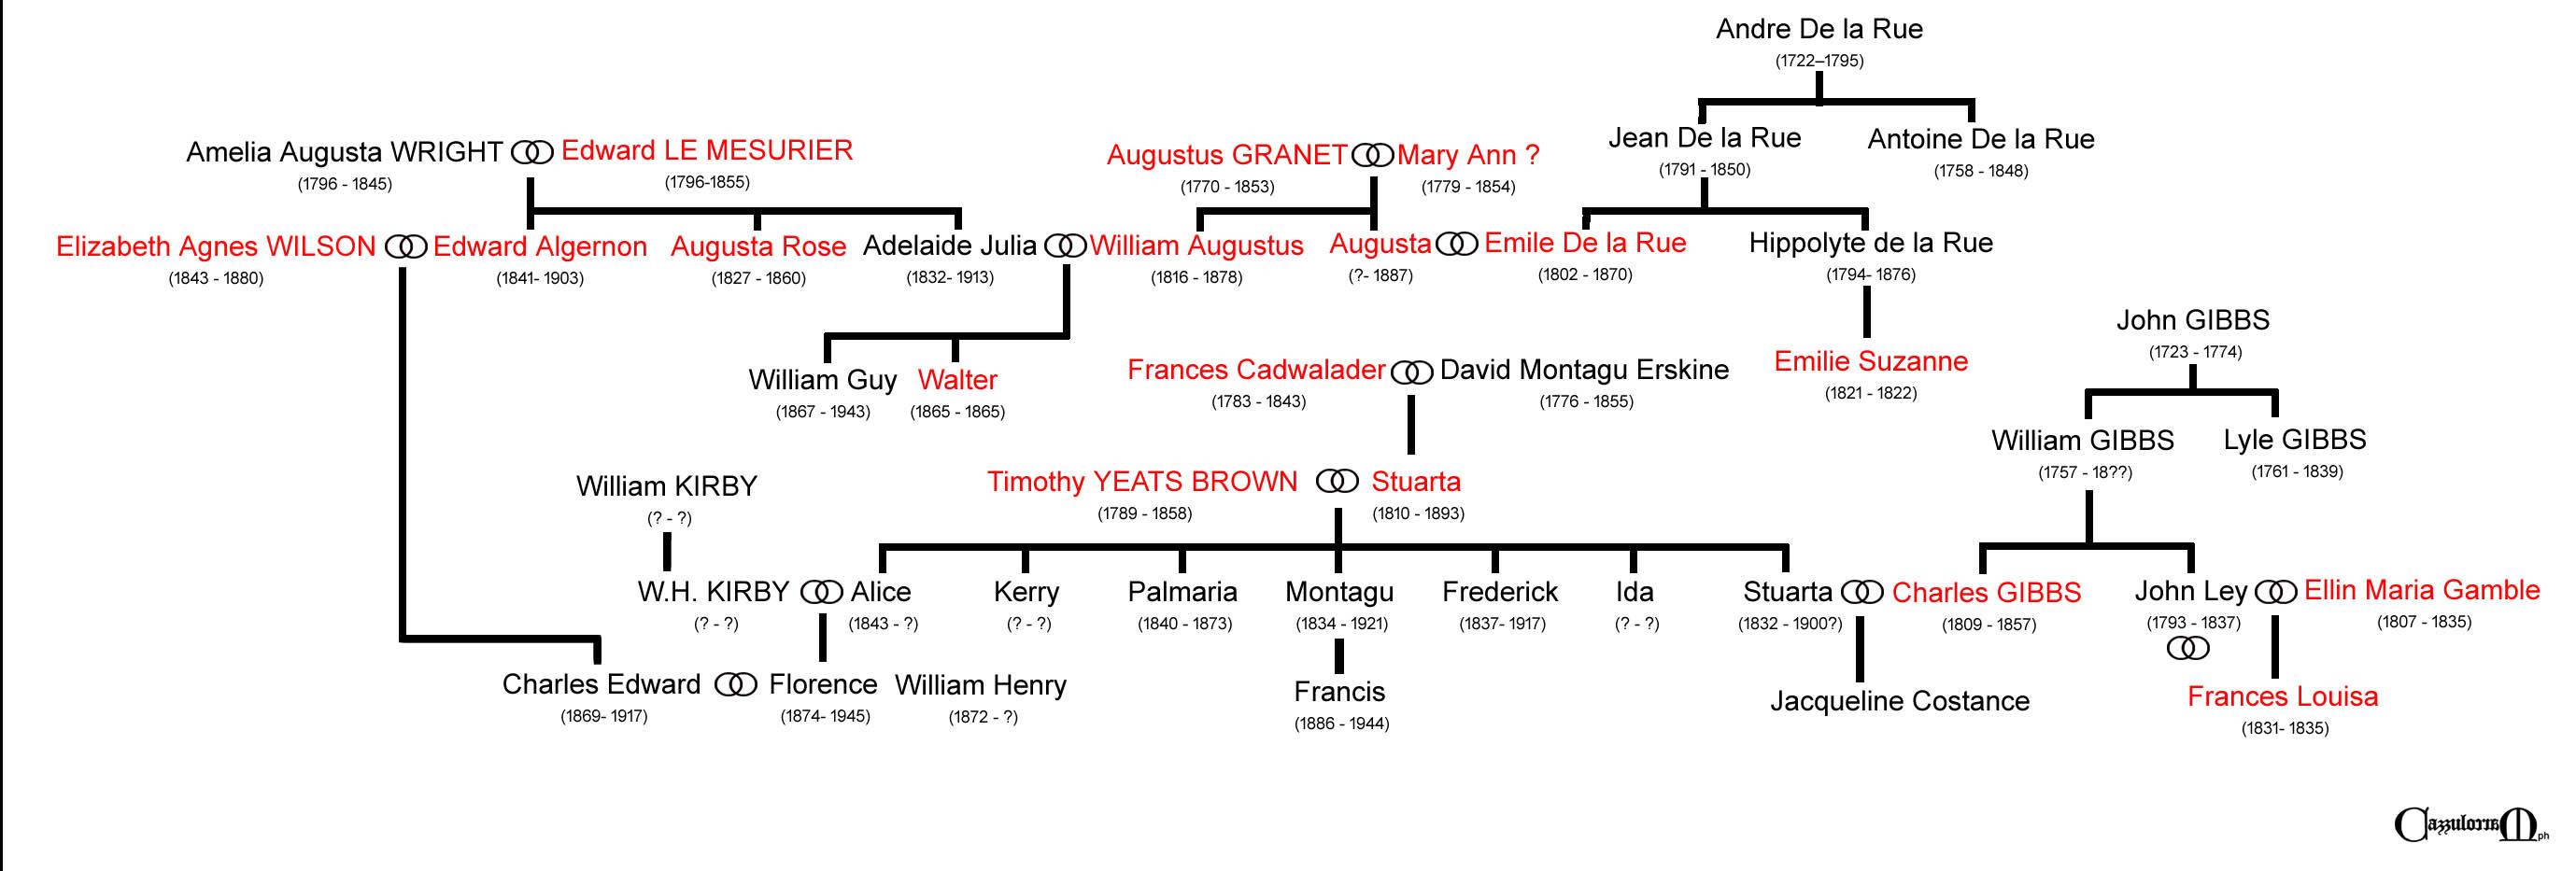 """I componenti di alcuni amici """"genovesi"""" di Charles Dickens e le loro relazioni parentali"""